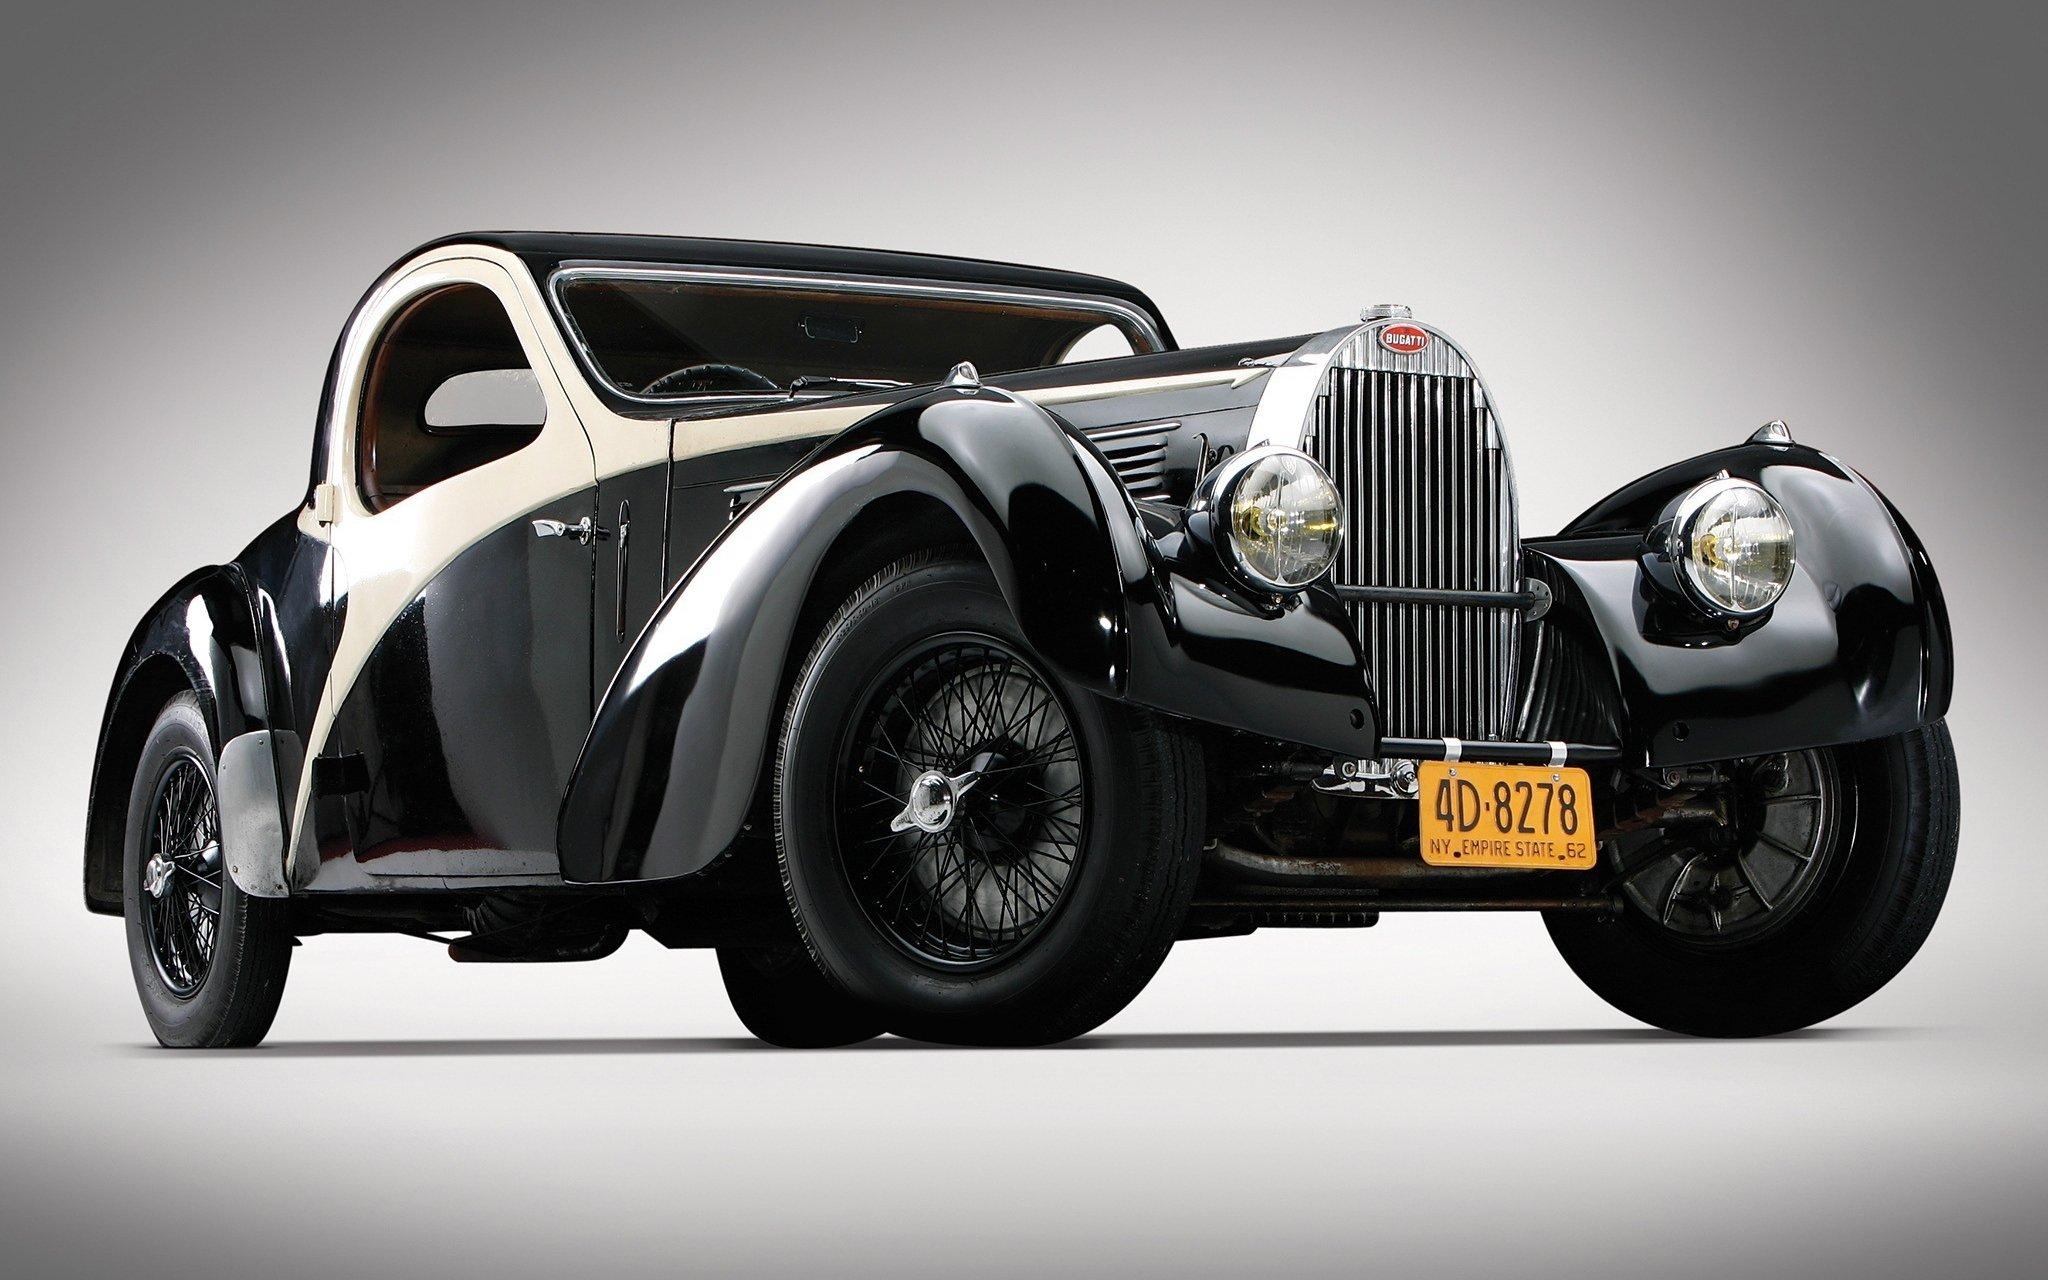 Classic Car Model Wallpaper Download the classic car Auto 2048x1280